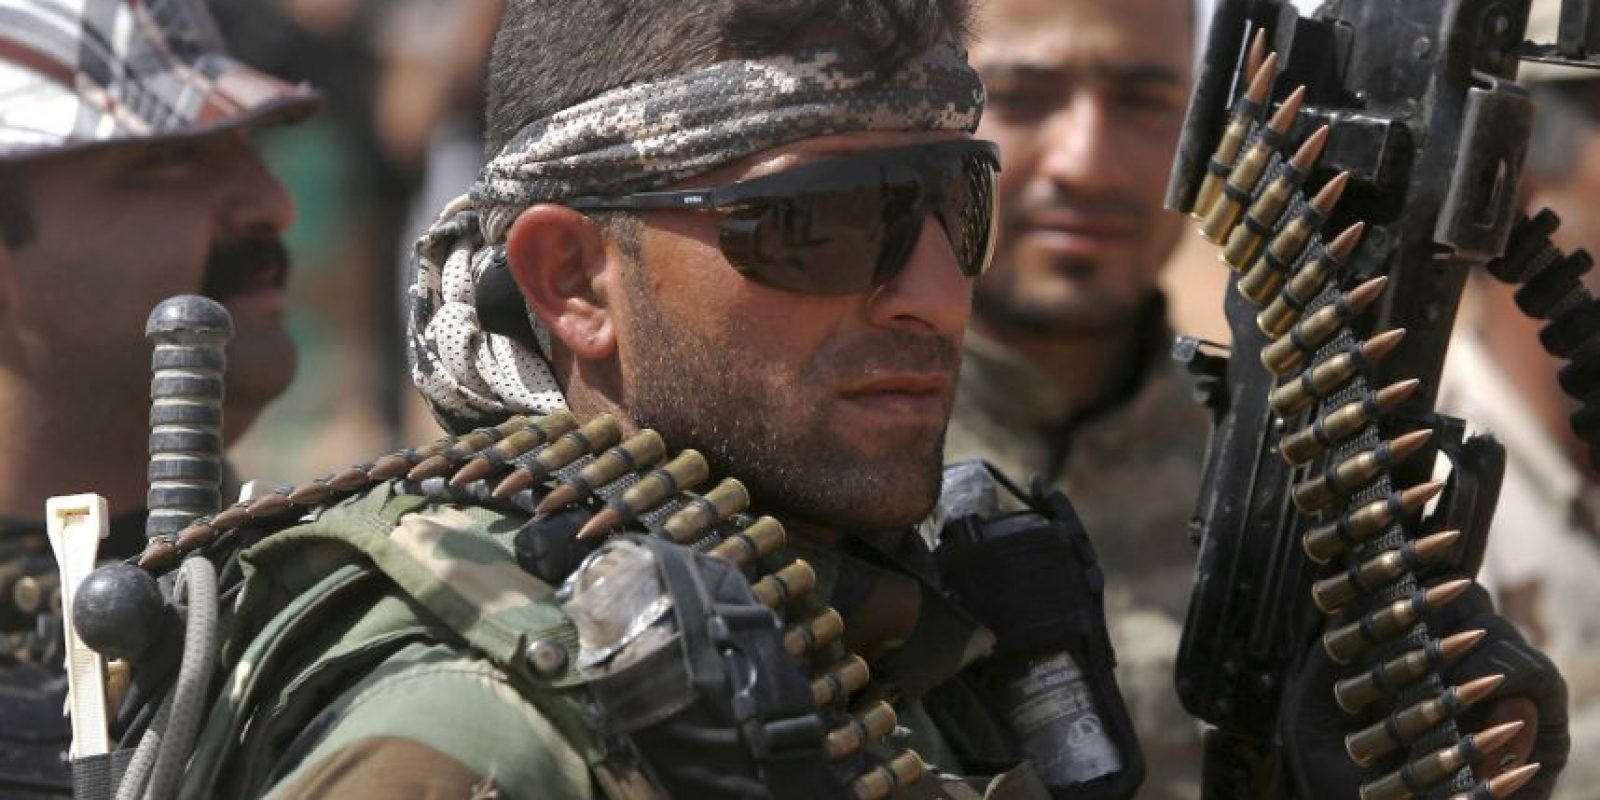 El Comando Central continúa investigando otros tres informes de bajas de civiles: dos en Irak y otra en Siria. Foto:Getty Images